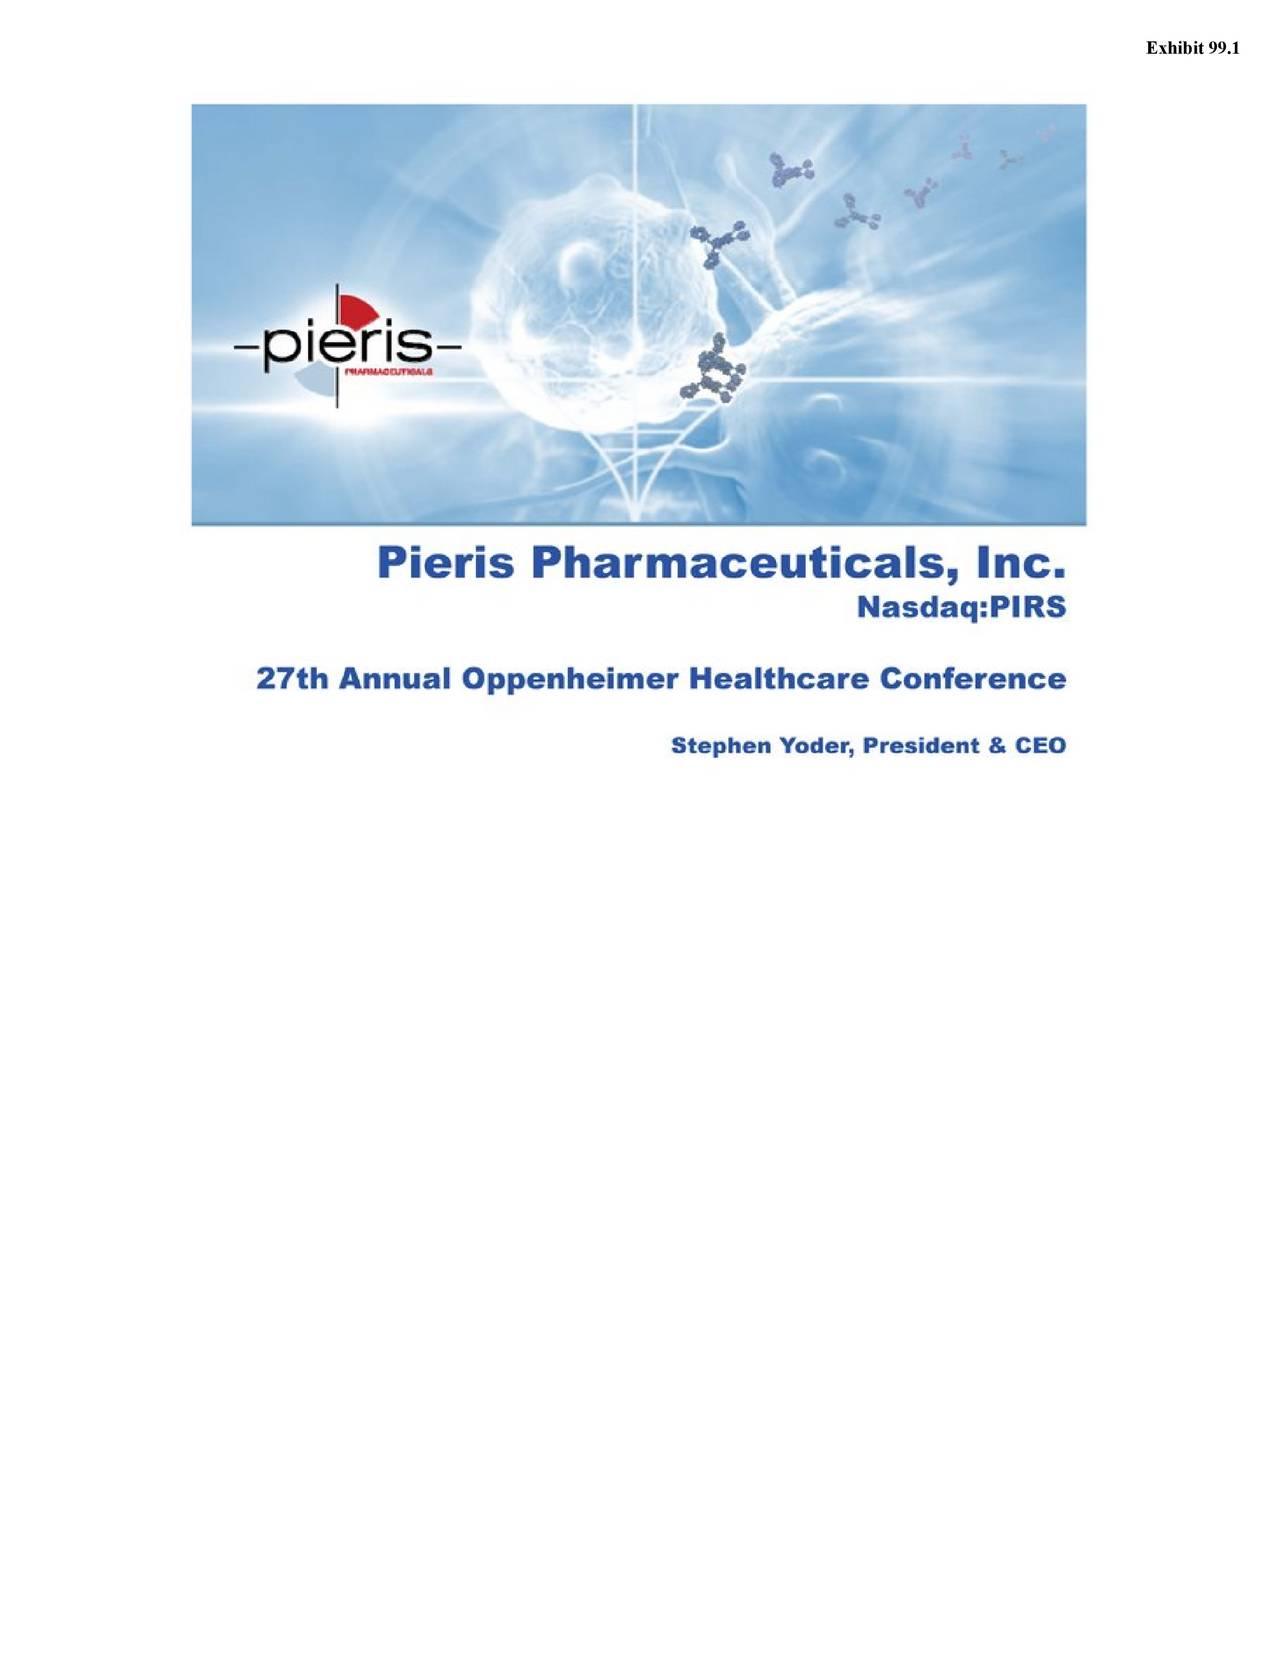 Pieris pharmaceuticals inc ipo